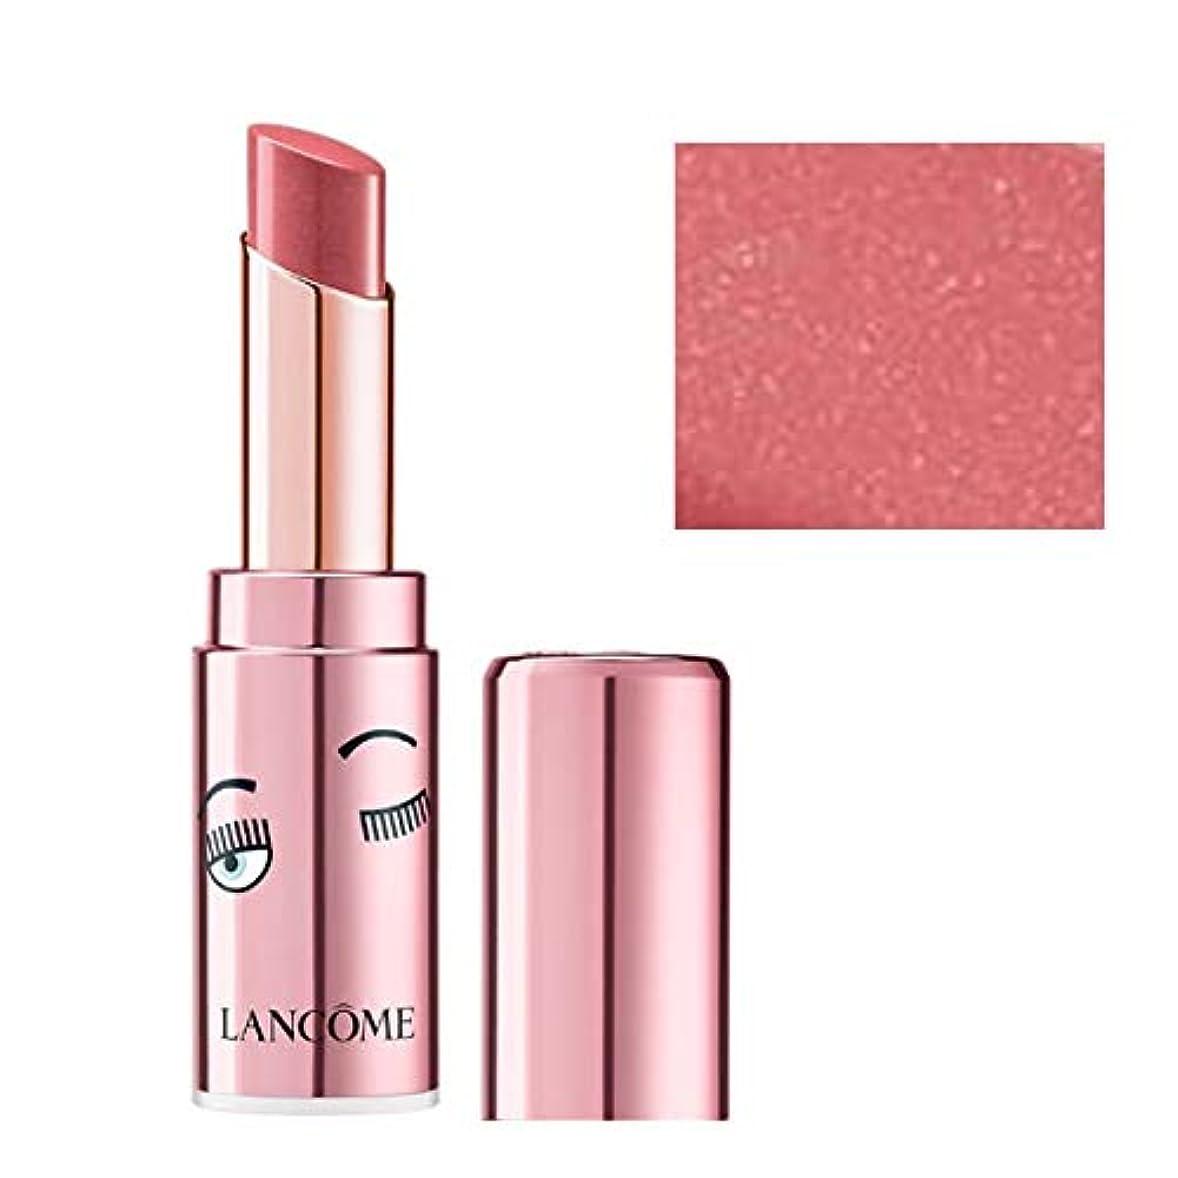 ナサニエル区家畜バンランコム(LANCOME), 限定版 limited-edition, x Chiara Ferragni L'Absolu Mademoiselle Shine Balm Lipstick - Independent Women [海外直送品] [並行輸入品]